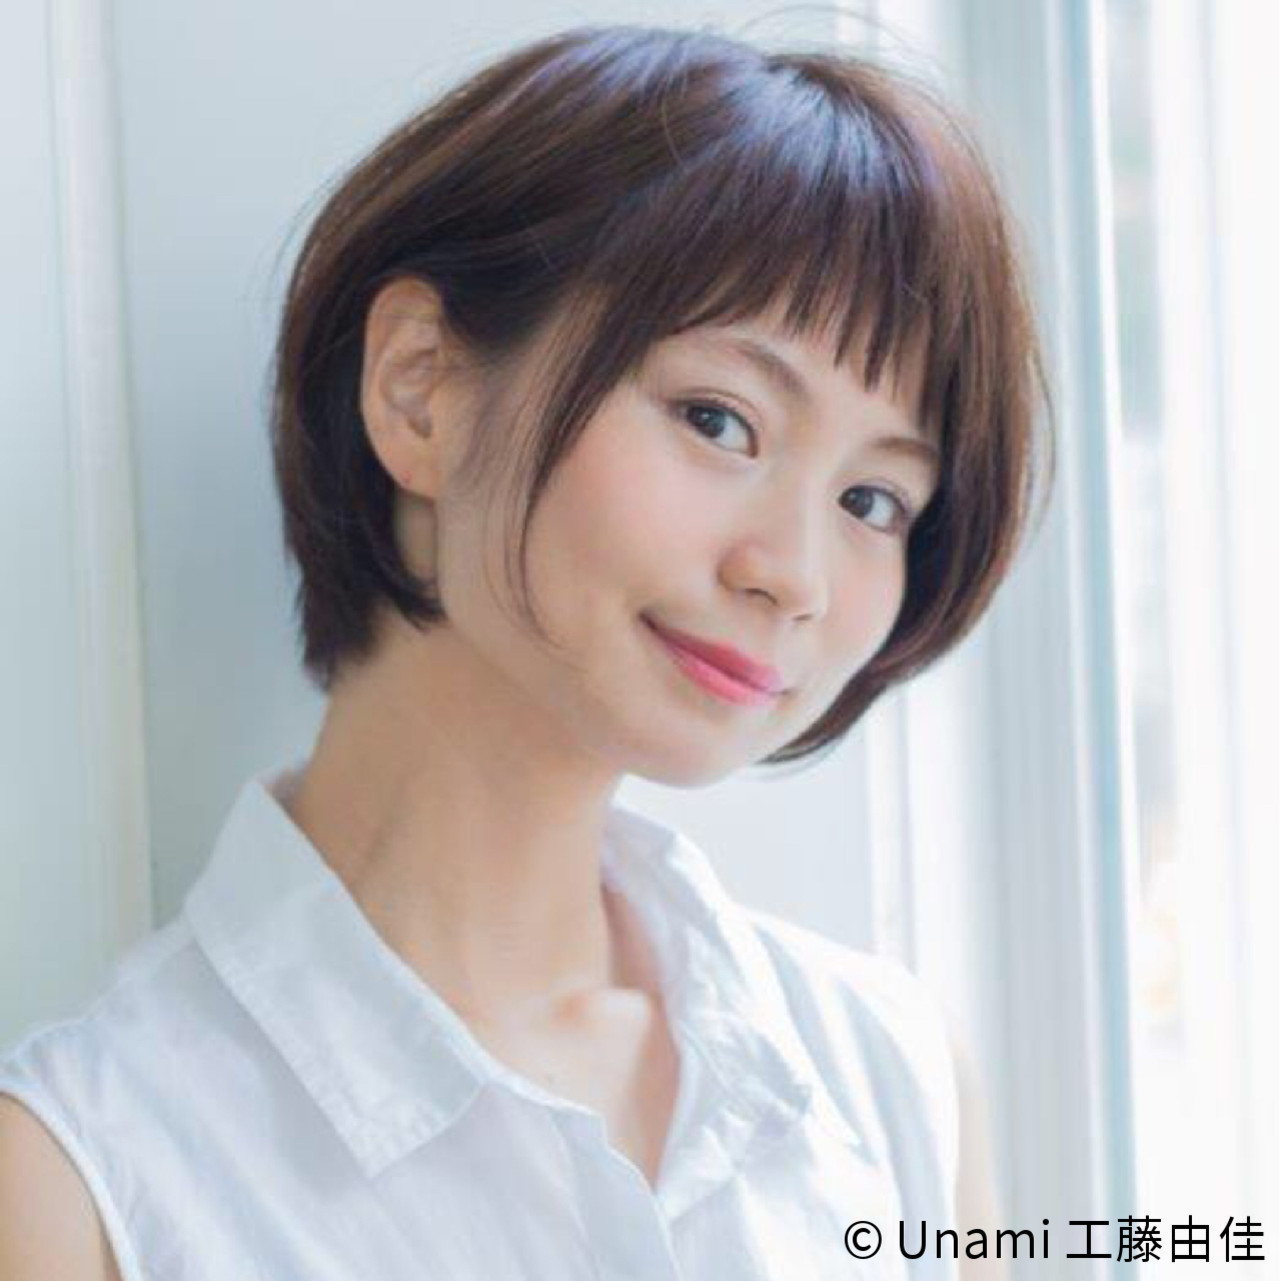 ナチュラル ボブ 斜め前髪 ショート ヘアスタイルや髪型の写真・画像 | Unami 工藤由佳 / Unami omotesando